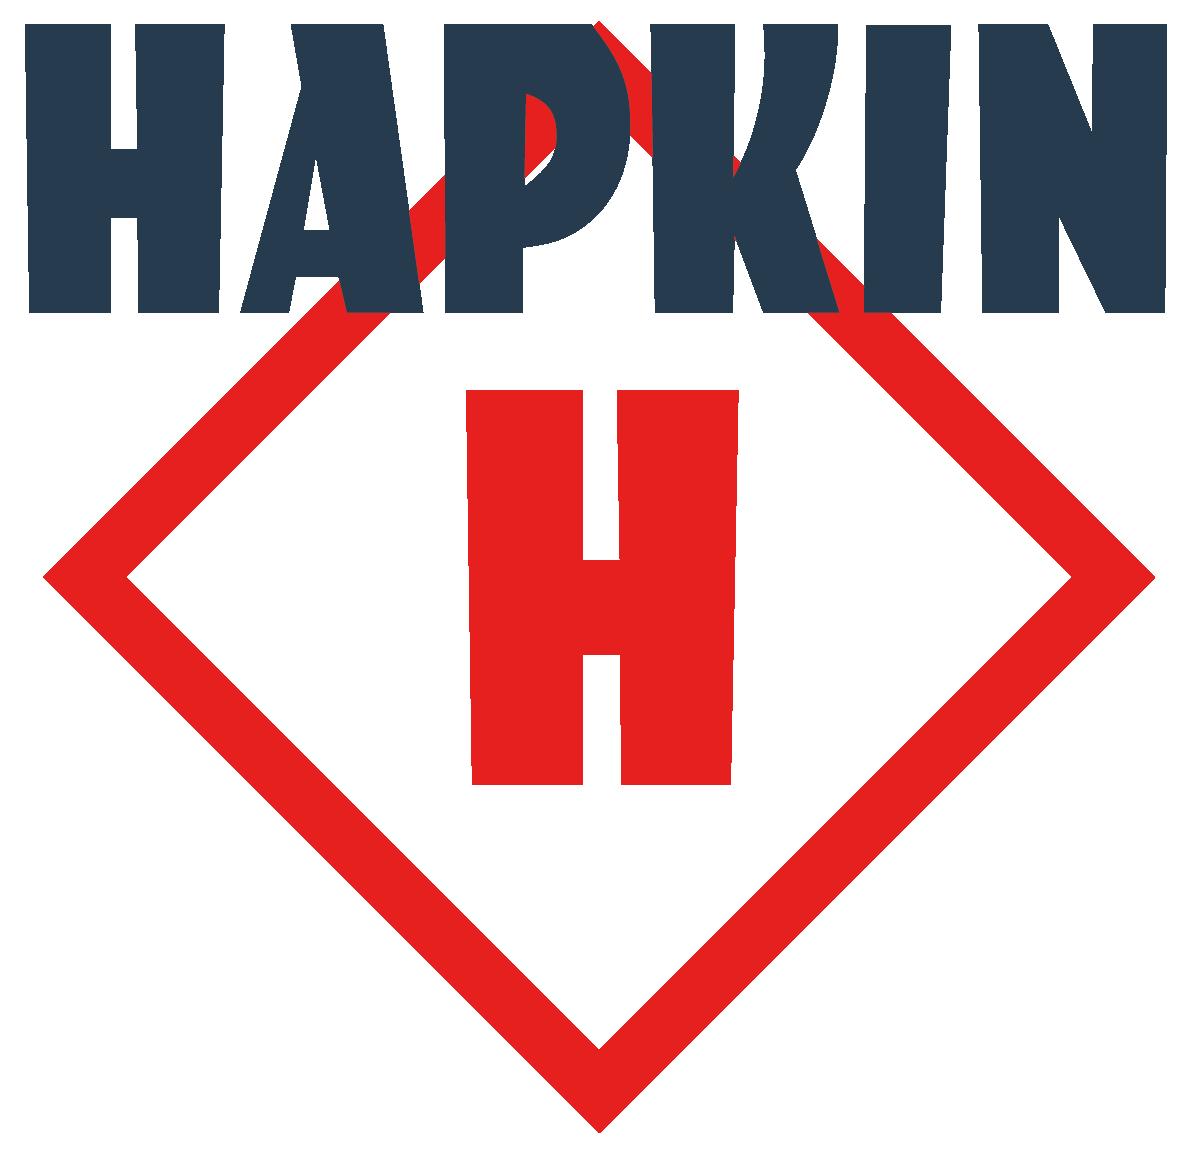 Logo de la marque concernant au produit Hapkin 33cl